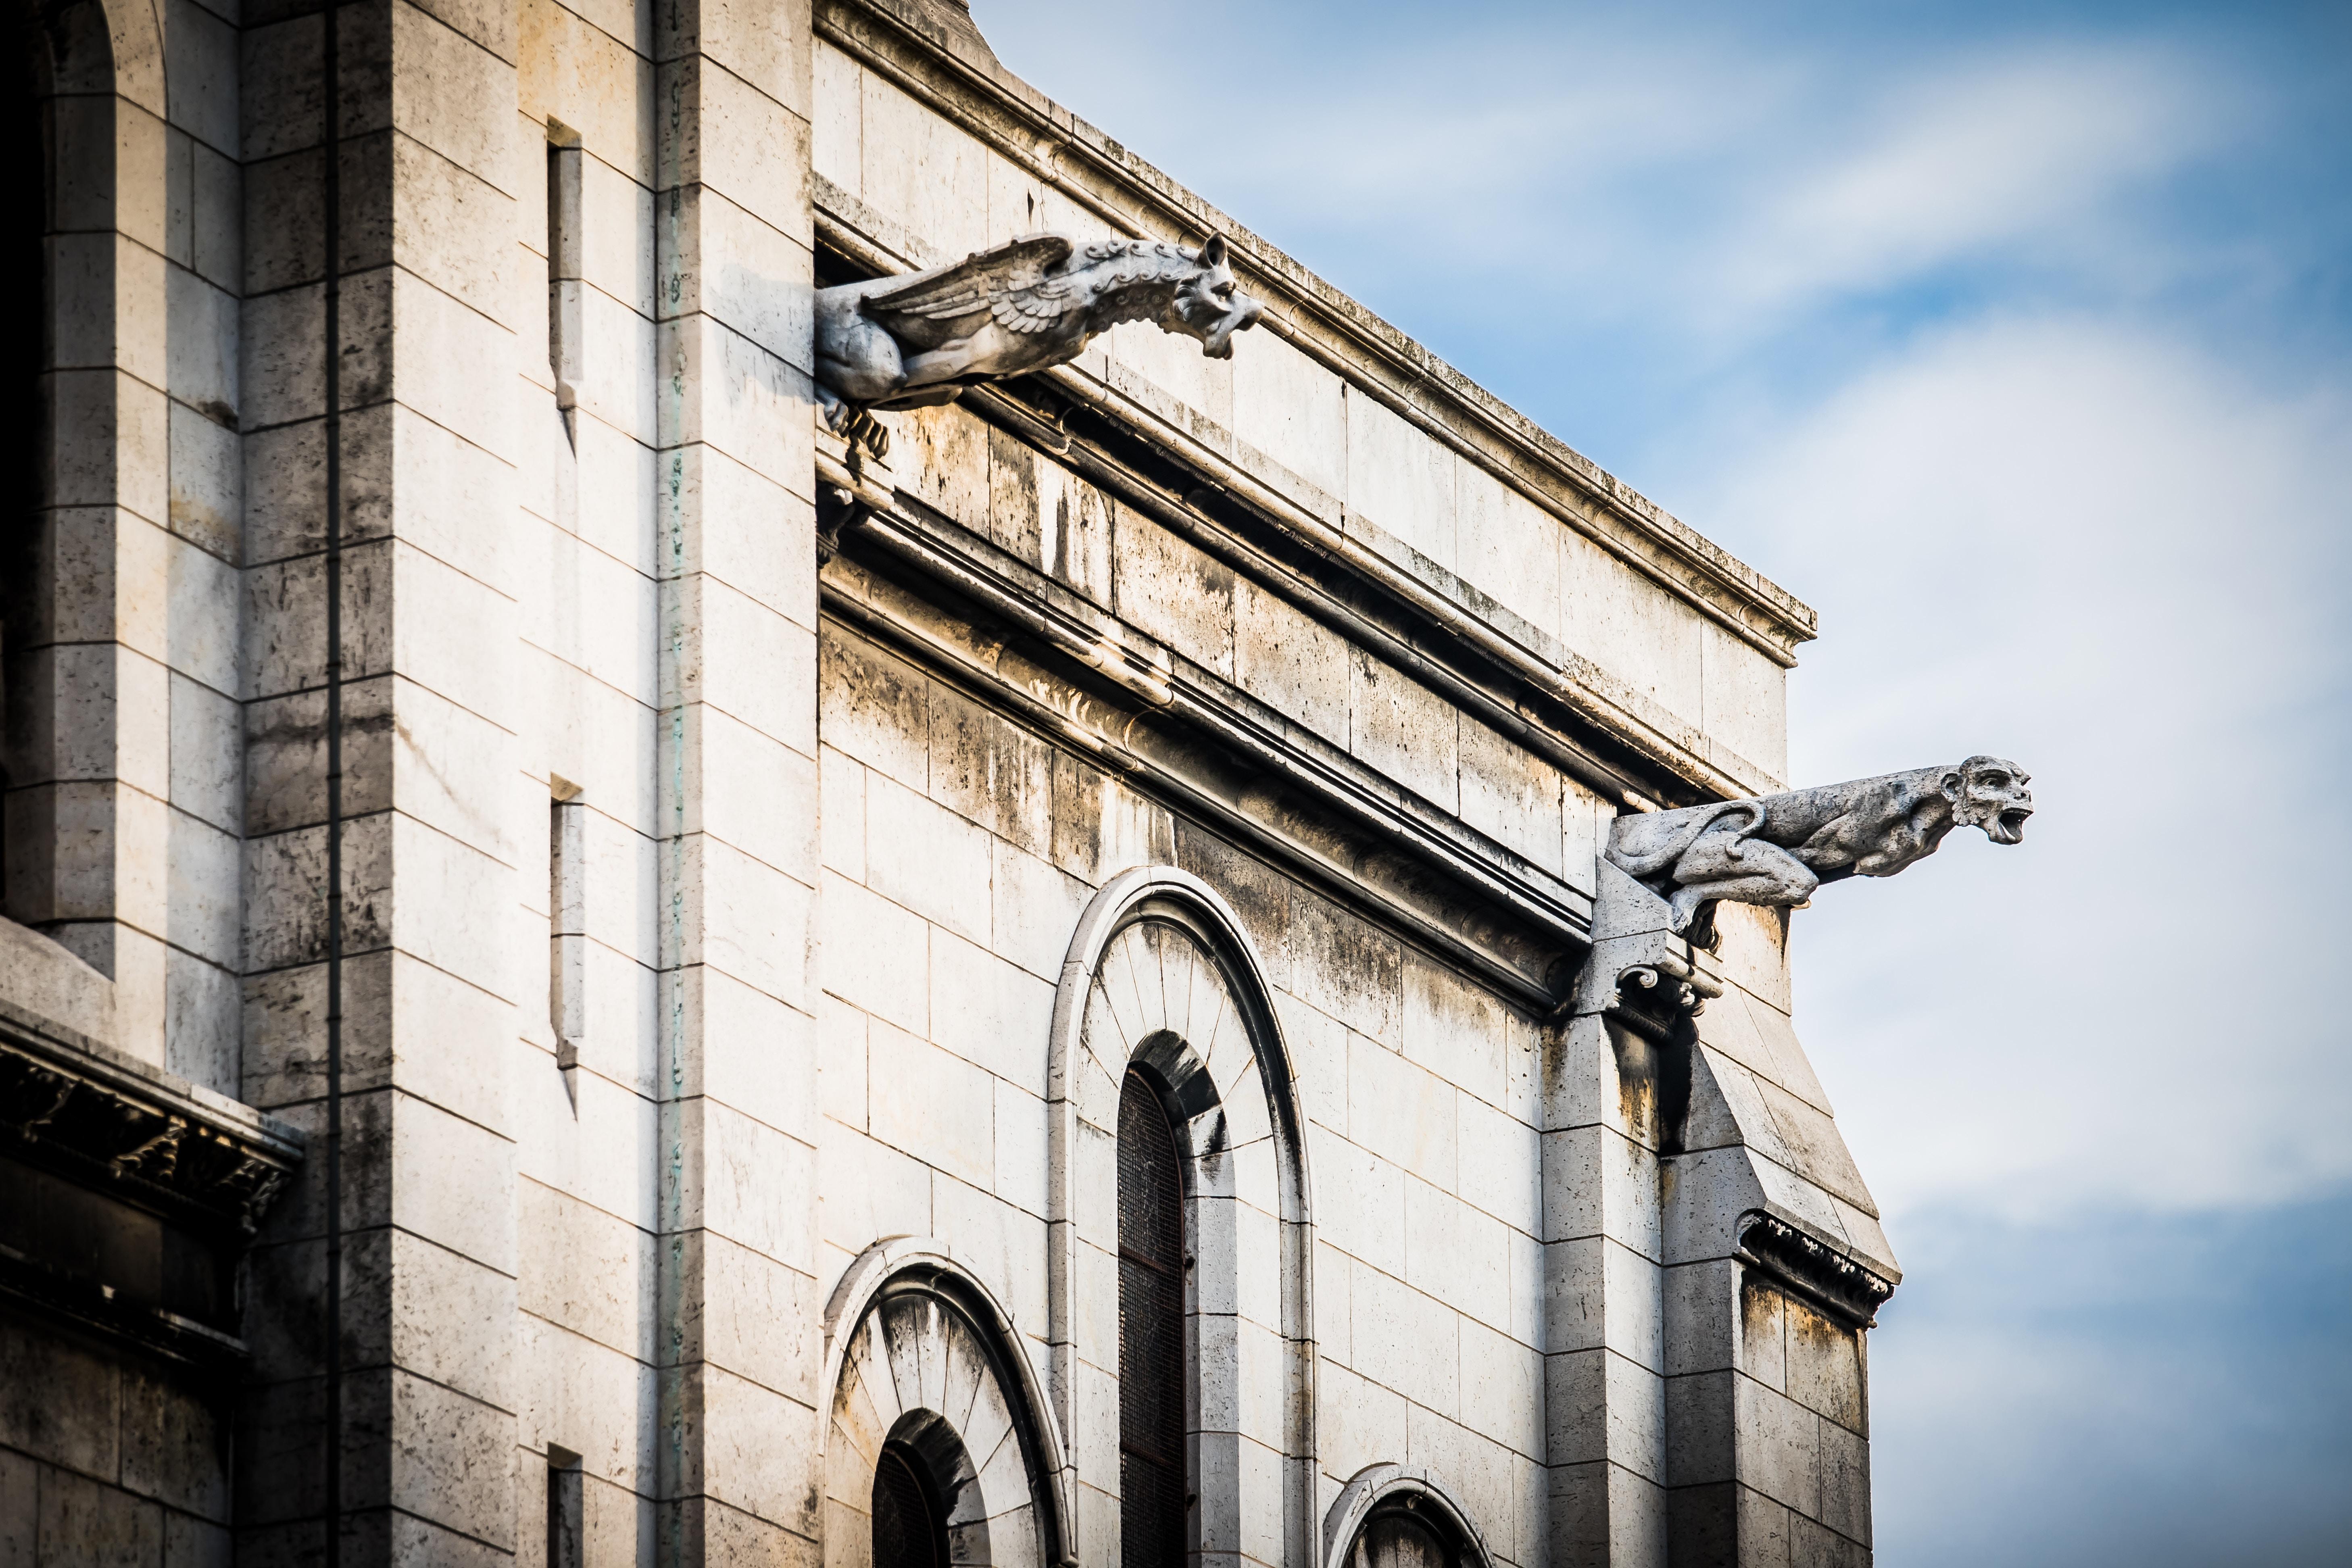 Gargouilles gothiques de Notre-Dame, image © Stephanie Le Blanc via Unsplash